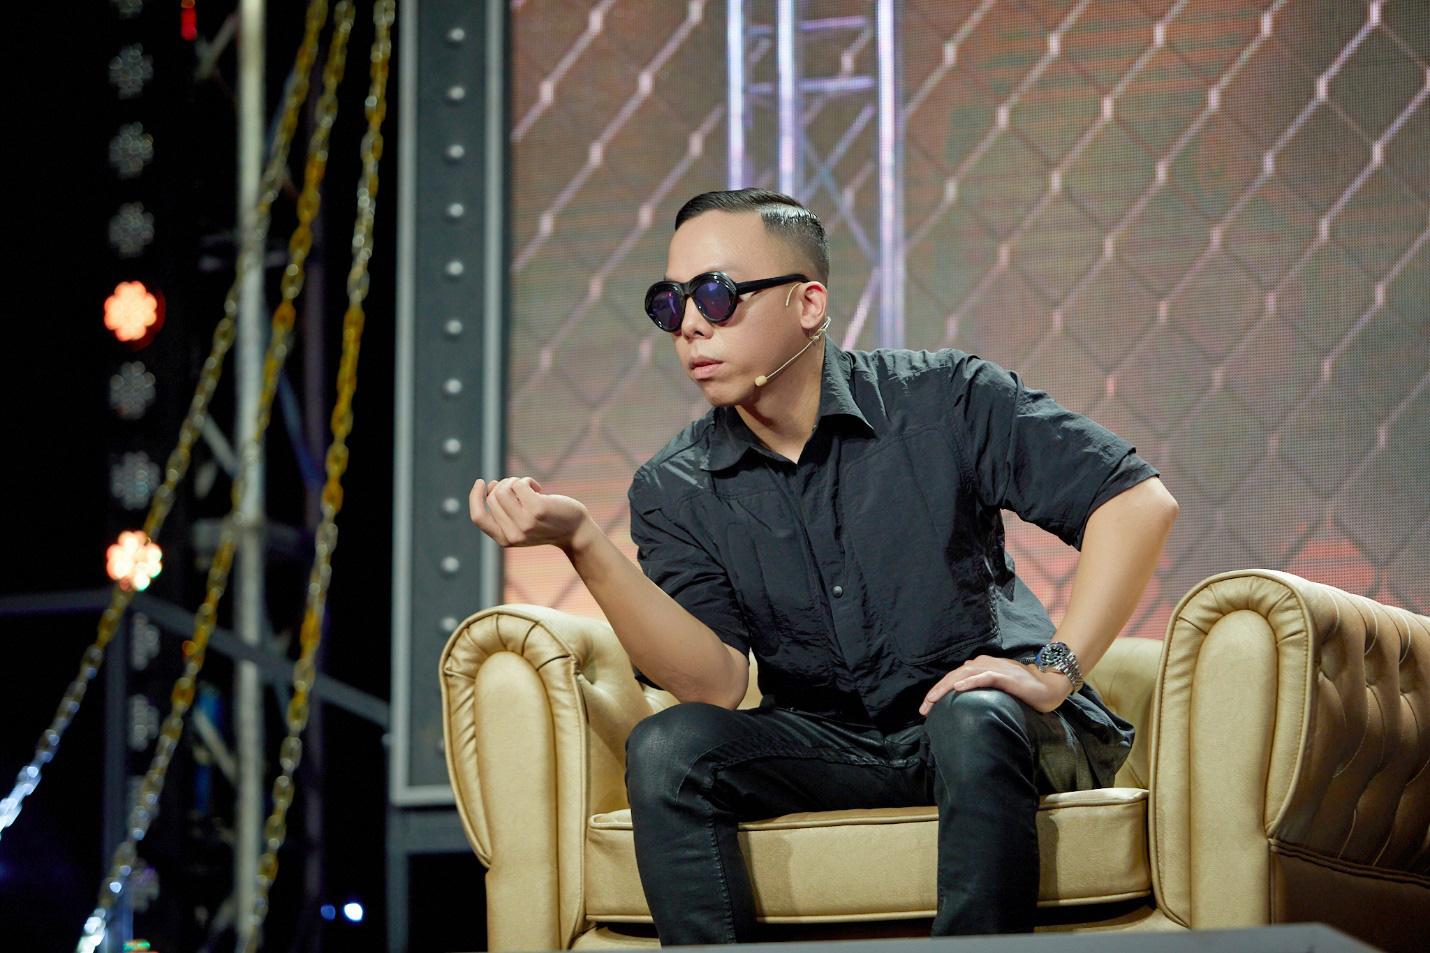 """Chỉ mới vòng casting, Rap Việt mùa 2 đã gây bão, liệu """"đế chế"""" SpaceSpeakers có tiếp tục tạo nên một mùa thi """"Ơ mây zing, gút chóp""""? - Ảnh 3."""